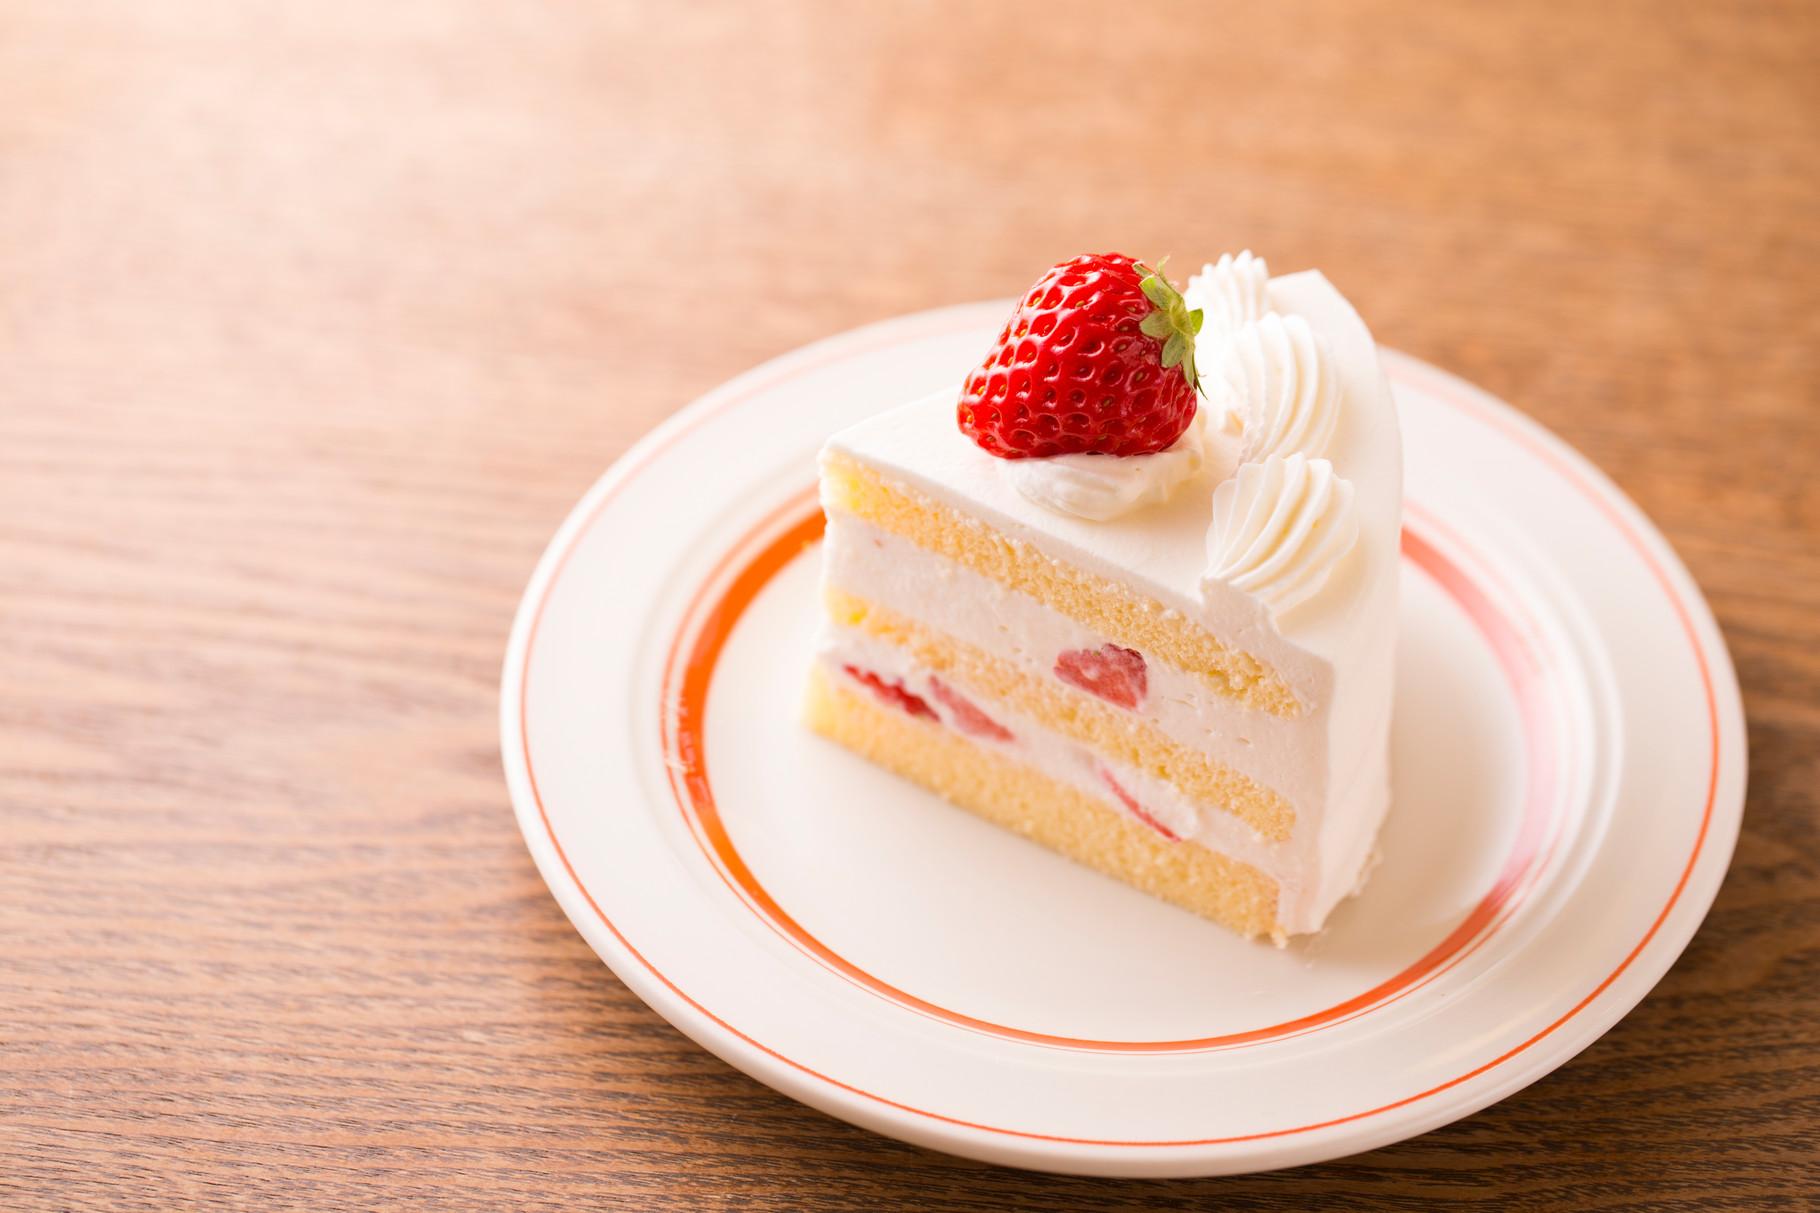 みんな大好き ショートケーキも グランドメニューになりました♪ 使用するフルーツは 季節毎に変更いたします。